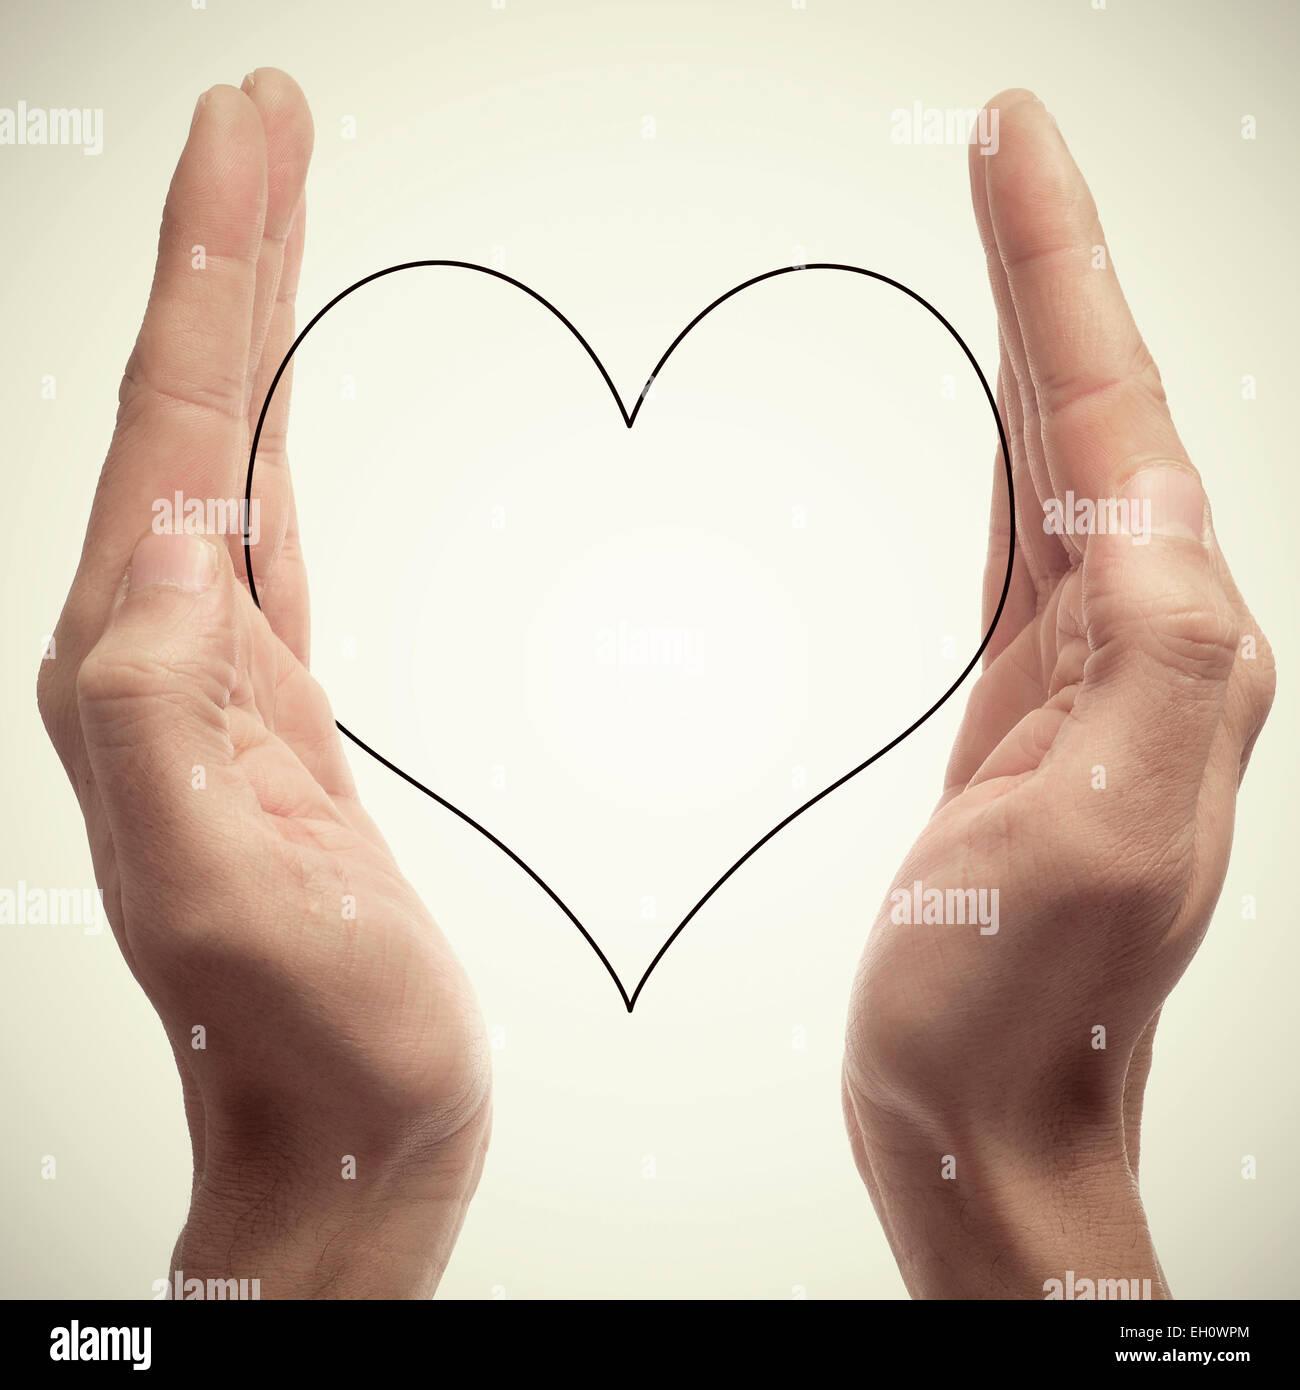 Les mains de l'homme tenant une silhouette d'un cœur, avec un effet rétro Photo Stock